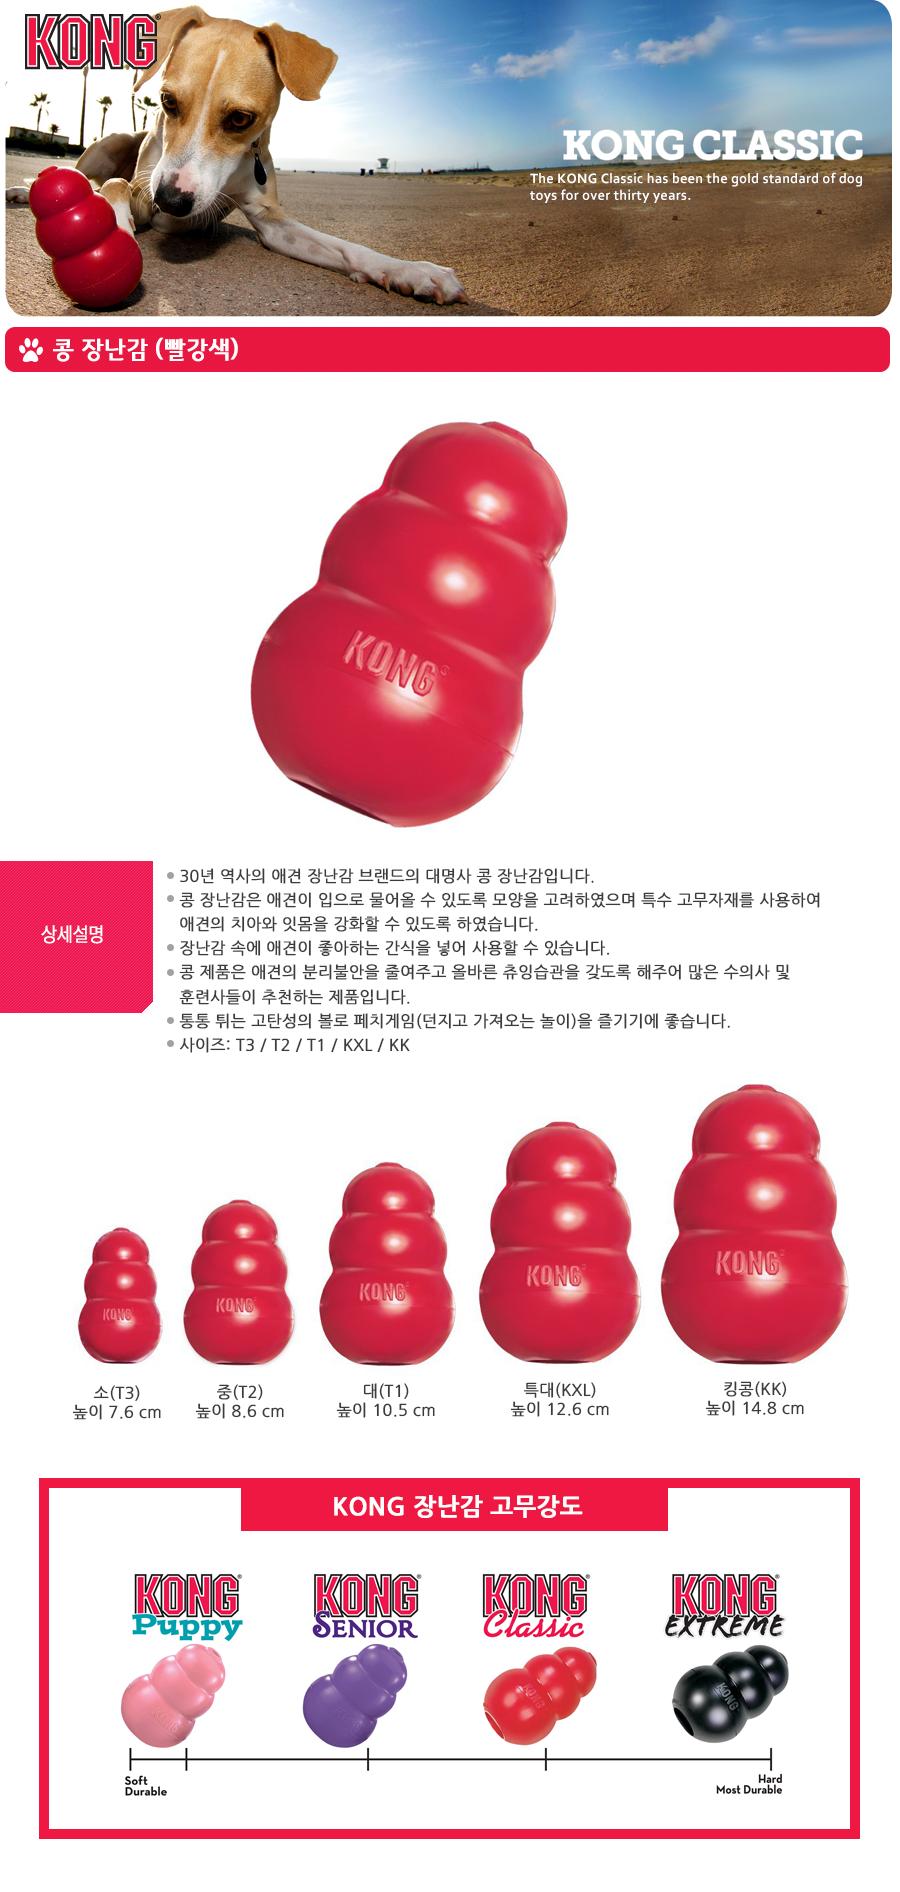 KONG 콩장난감 (소/중/대)-상품이미지-0